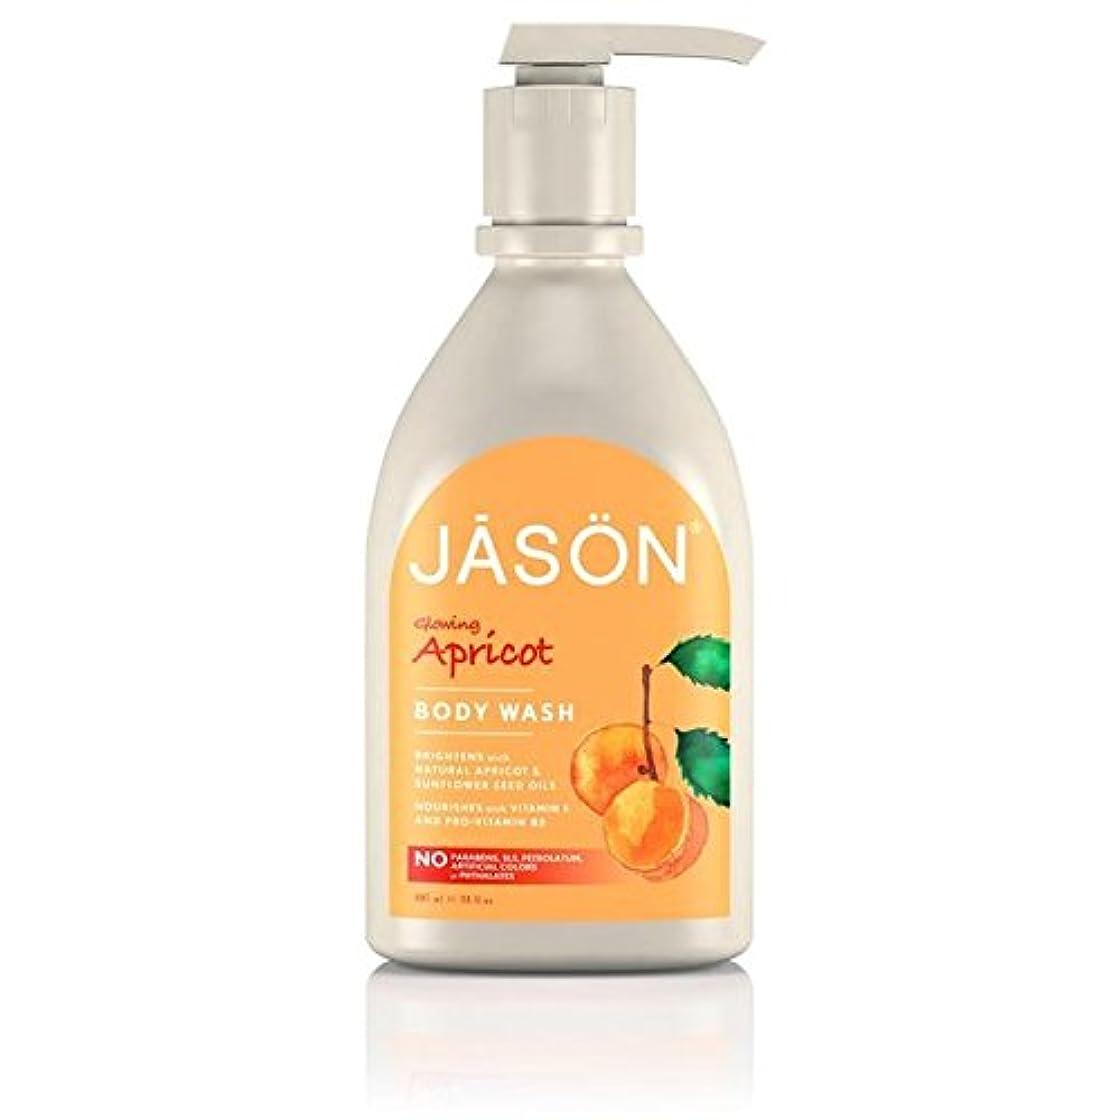 養う勇者スカーフJason Apricot Satin Body Wash Pump 900ml (Pack of 6) - ジェイソン?アプリコットサテンボディウォッシュポンプ900ミリリットル x6 [並行輸入品]